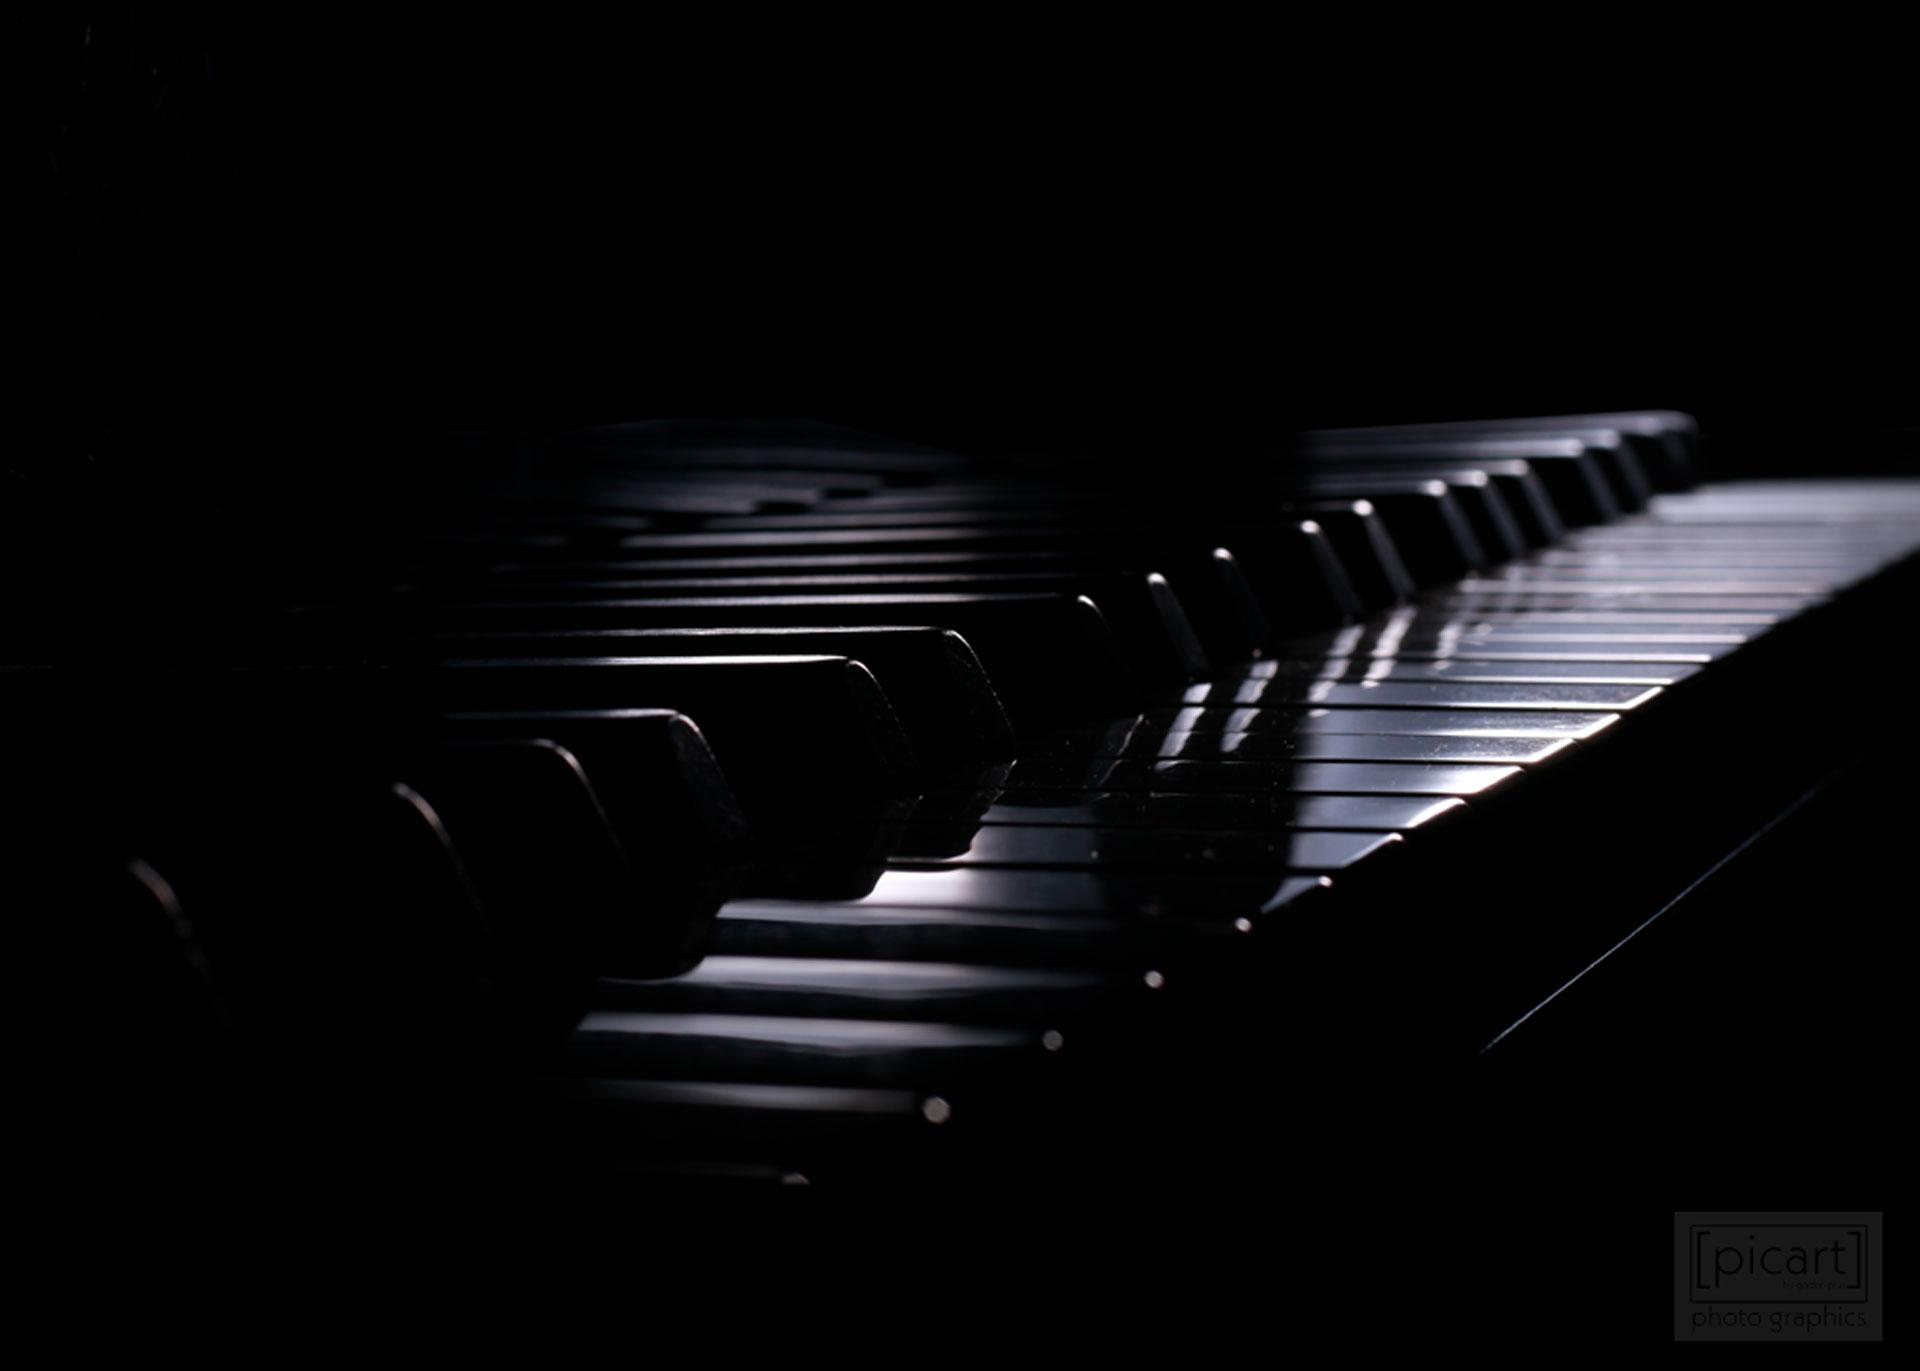 Bestellnummer: LK019  |  Low Key-Fotografie – Klavier © [:picart]by godot-plus, Eva Lenzenhuber